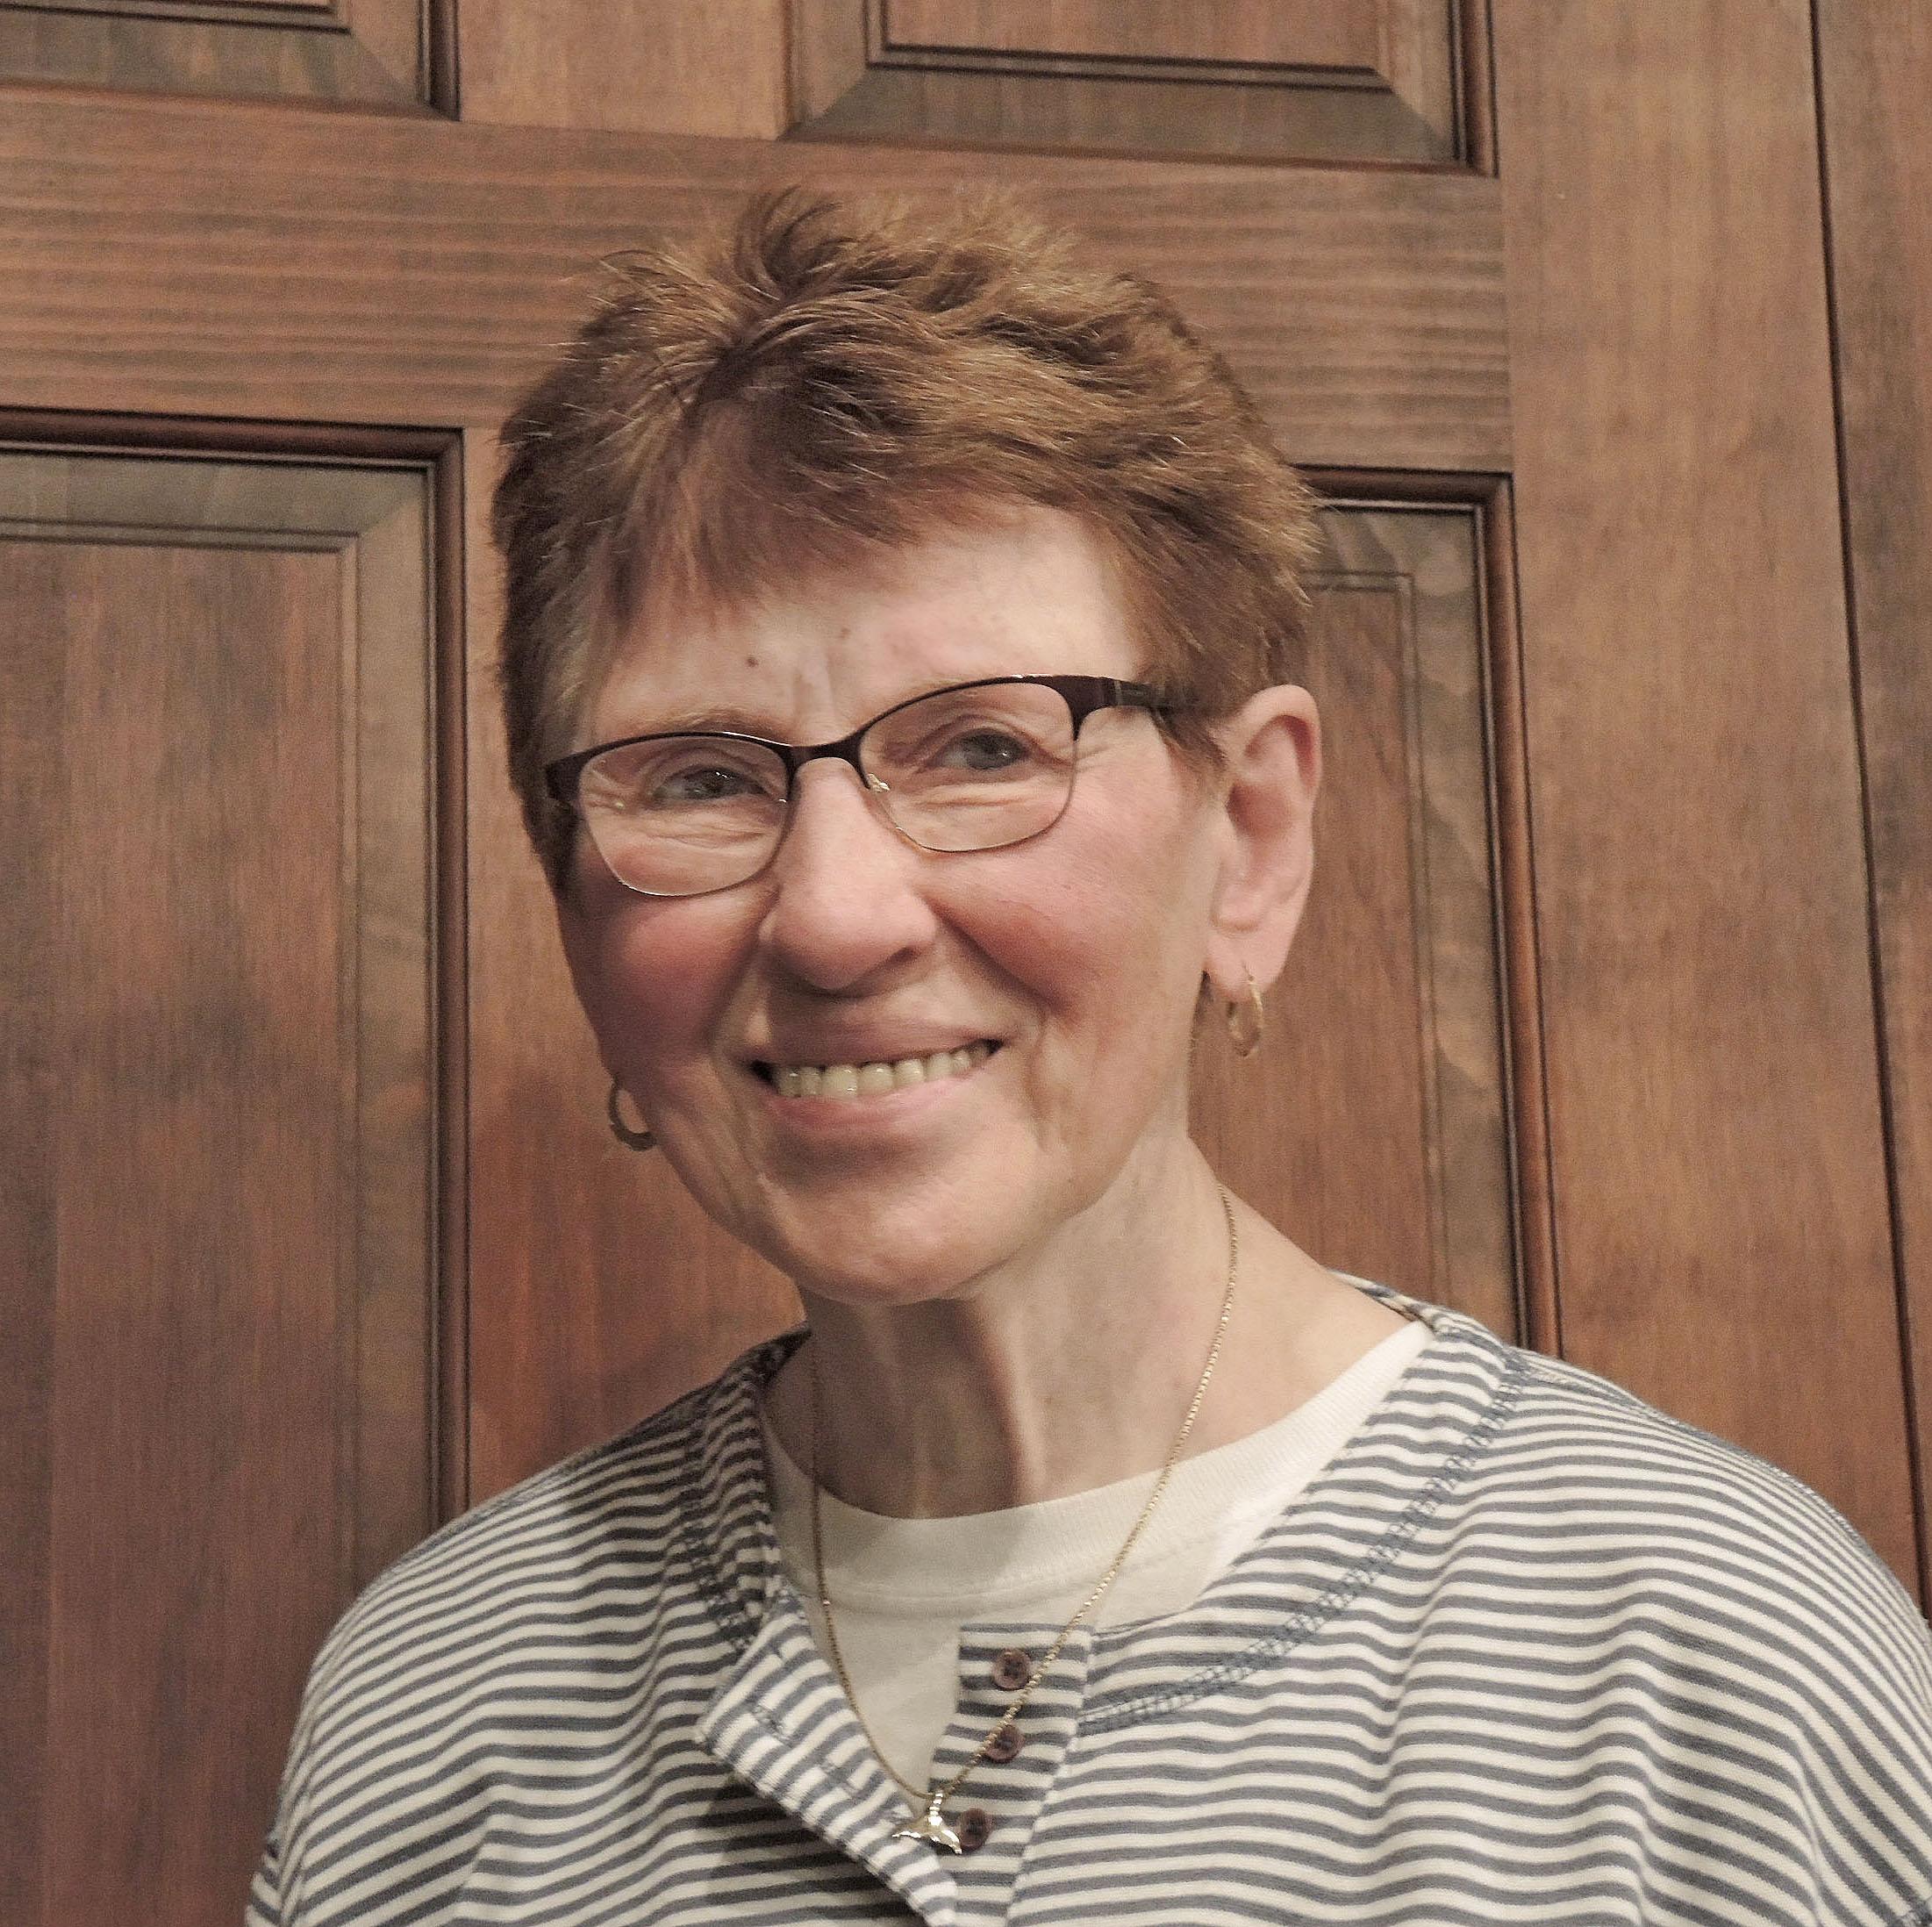 Joanne Kaus